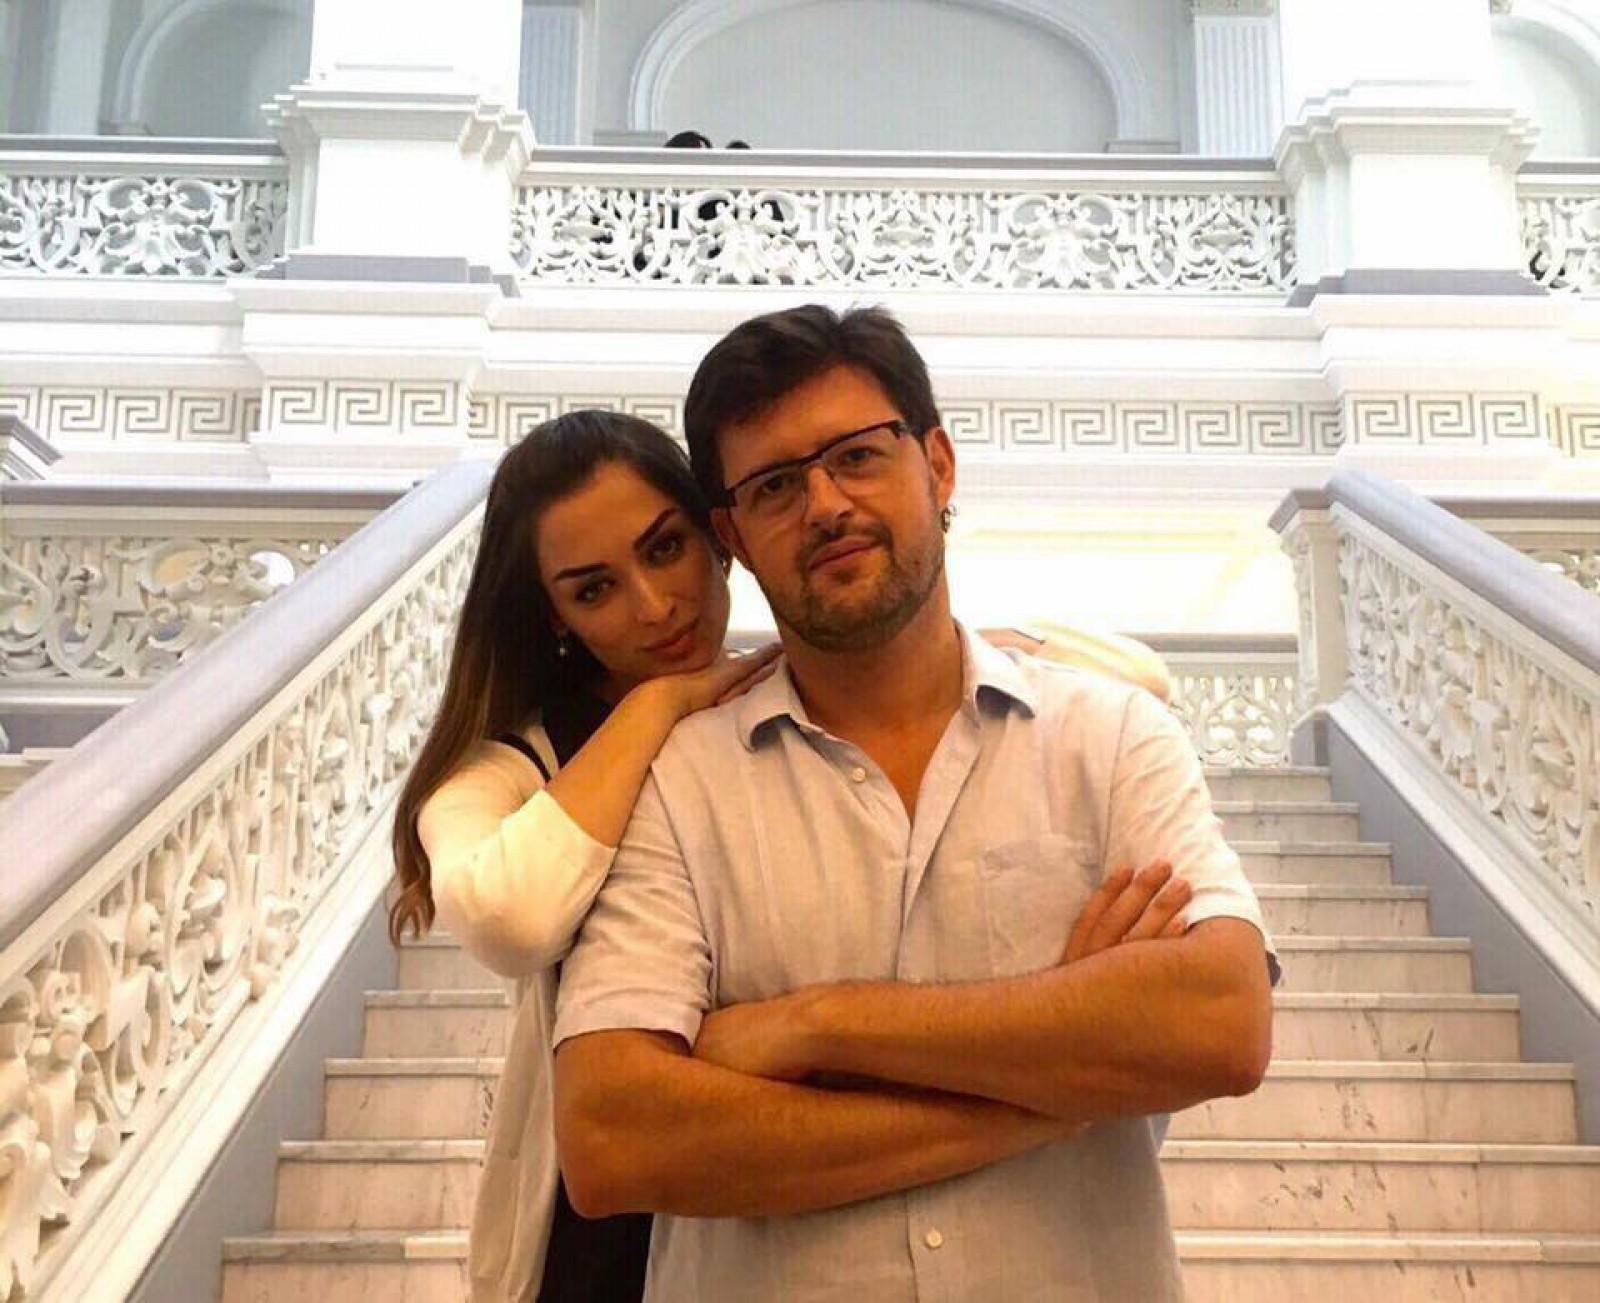 (foto) Cine este aleasa inimii lui Andrei Popov? De astăzi analistul nu mai este burlac